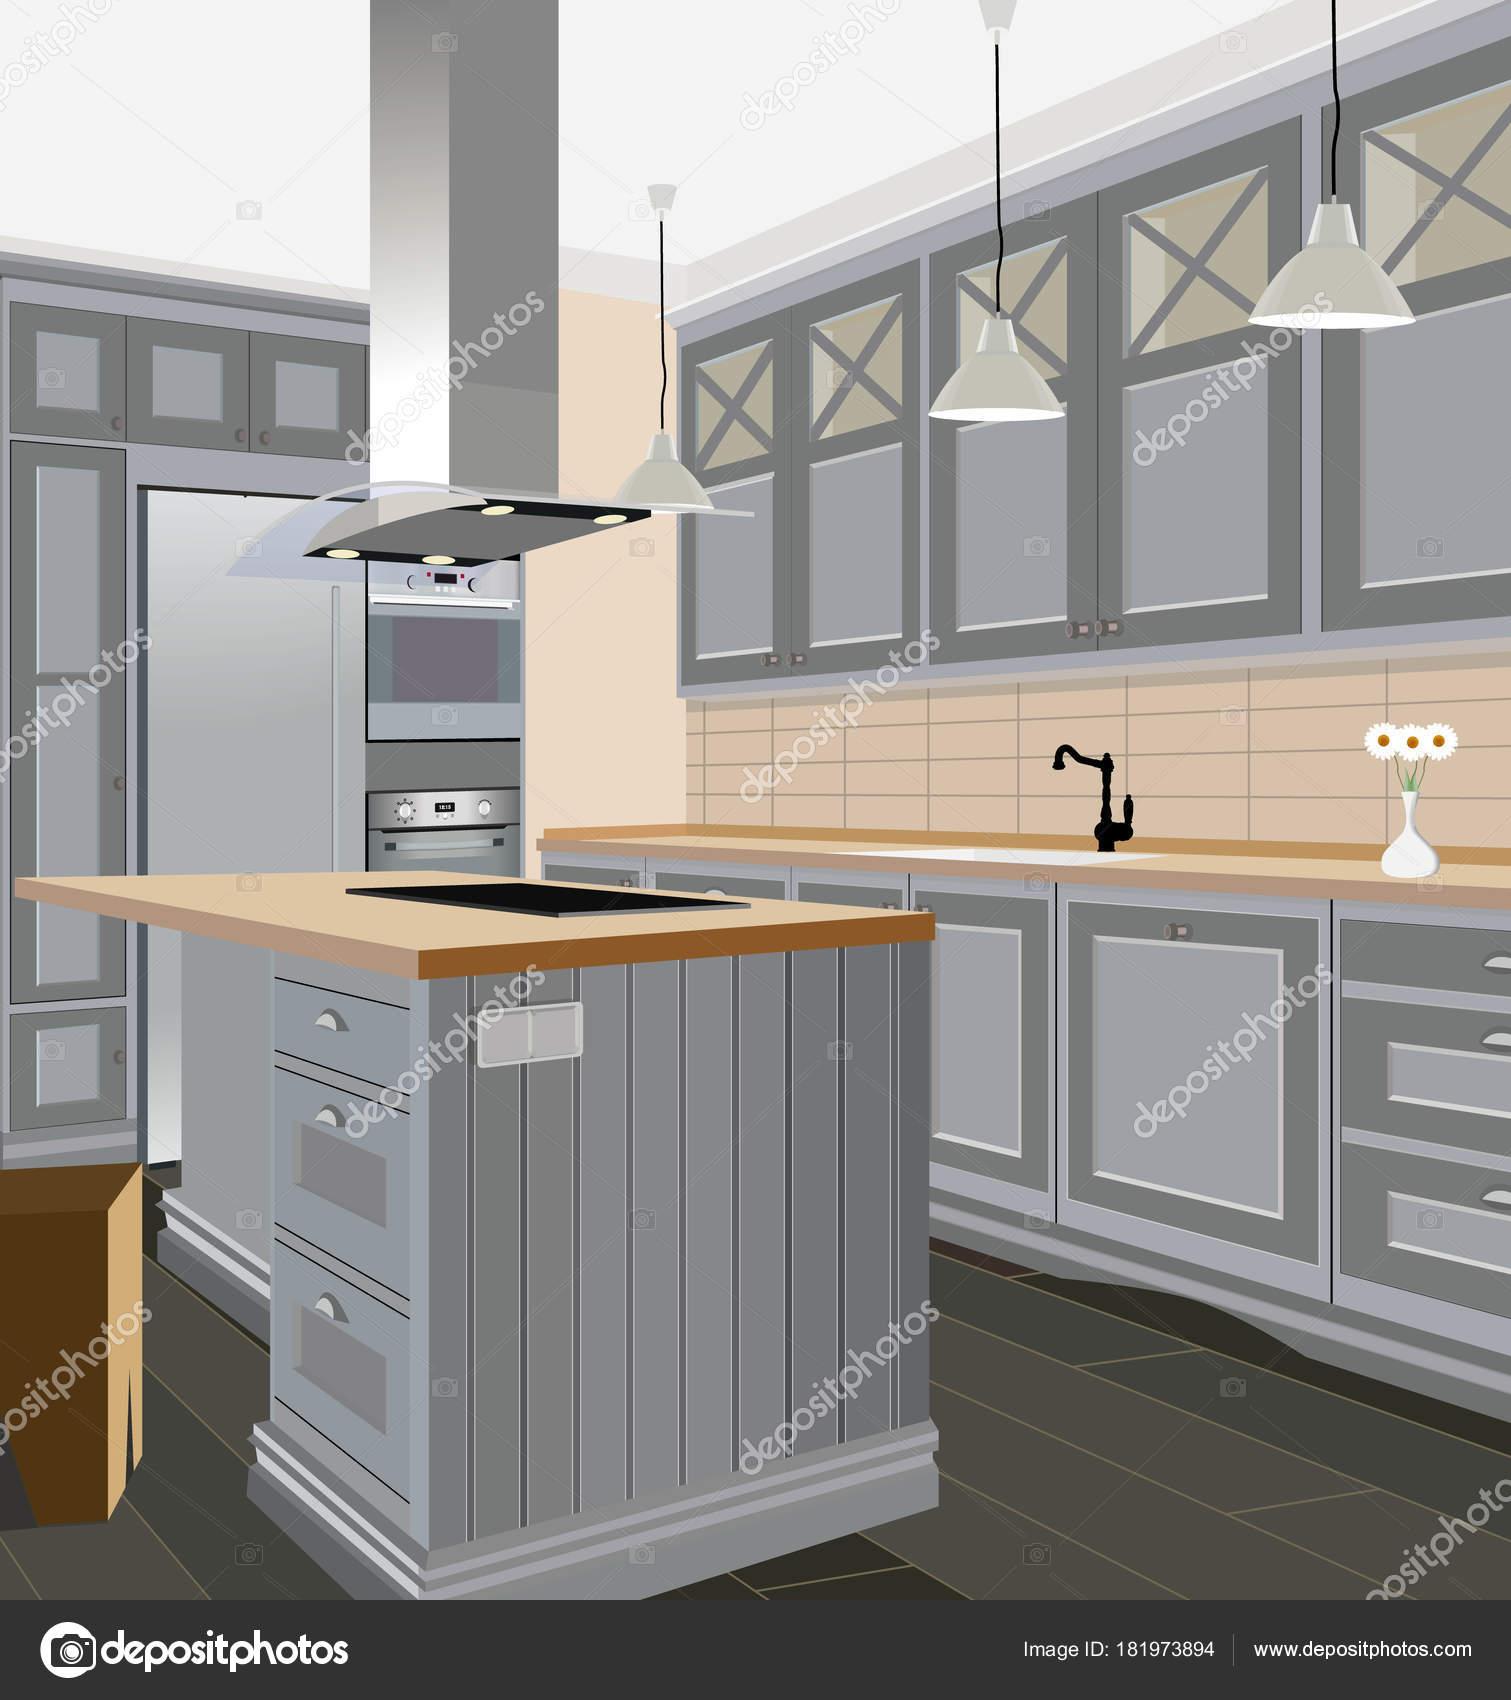 Fondo interno di cucina con mobili. Disegno della cucina ...